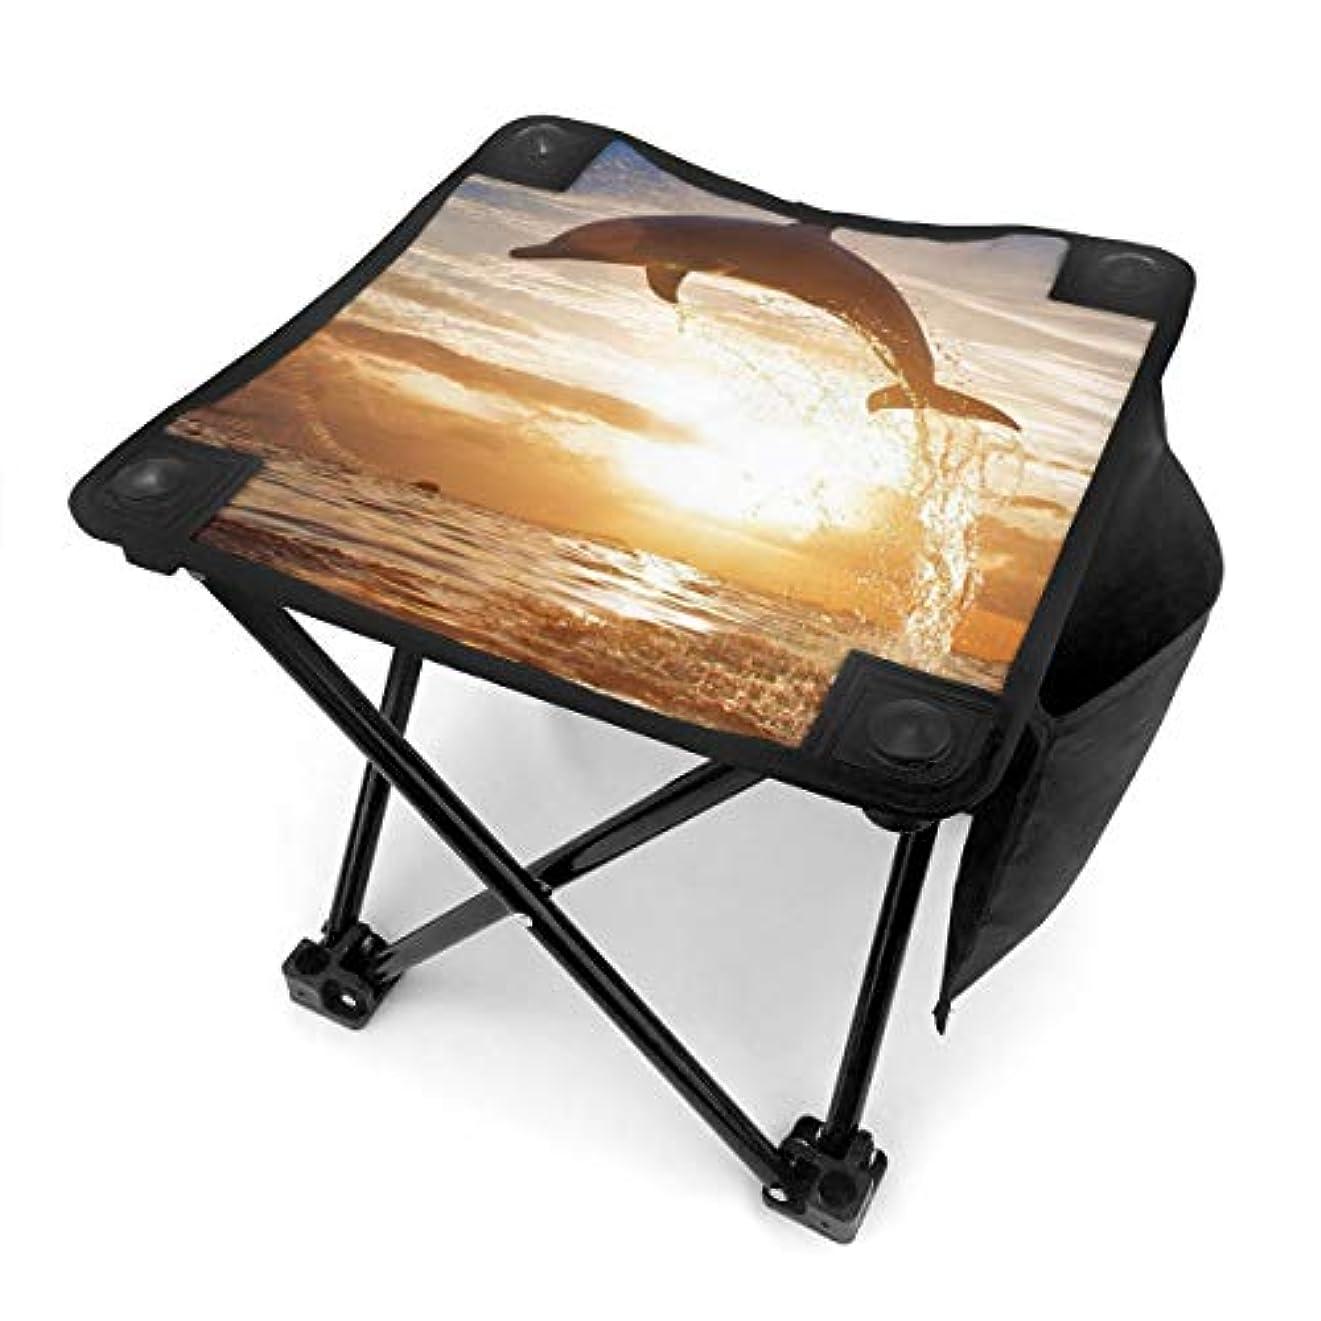 若者ウェーハもっとシーマリンドルフィン キャンプ用折りたたみスツール アウトドアチェア 折りたたみ コンパクト椅子 折りたたみスツール 小型スツール 収納袋付き 持ち運びが簡単 耐荷重100kg